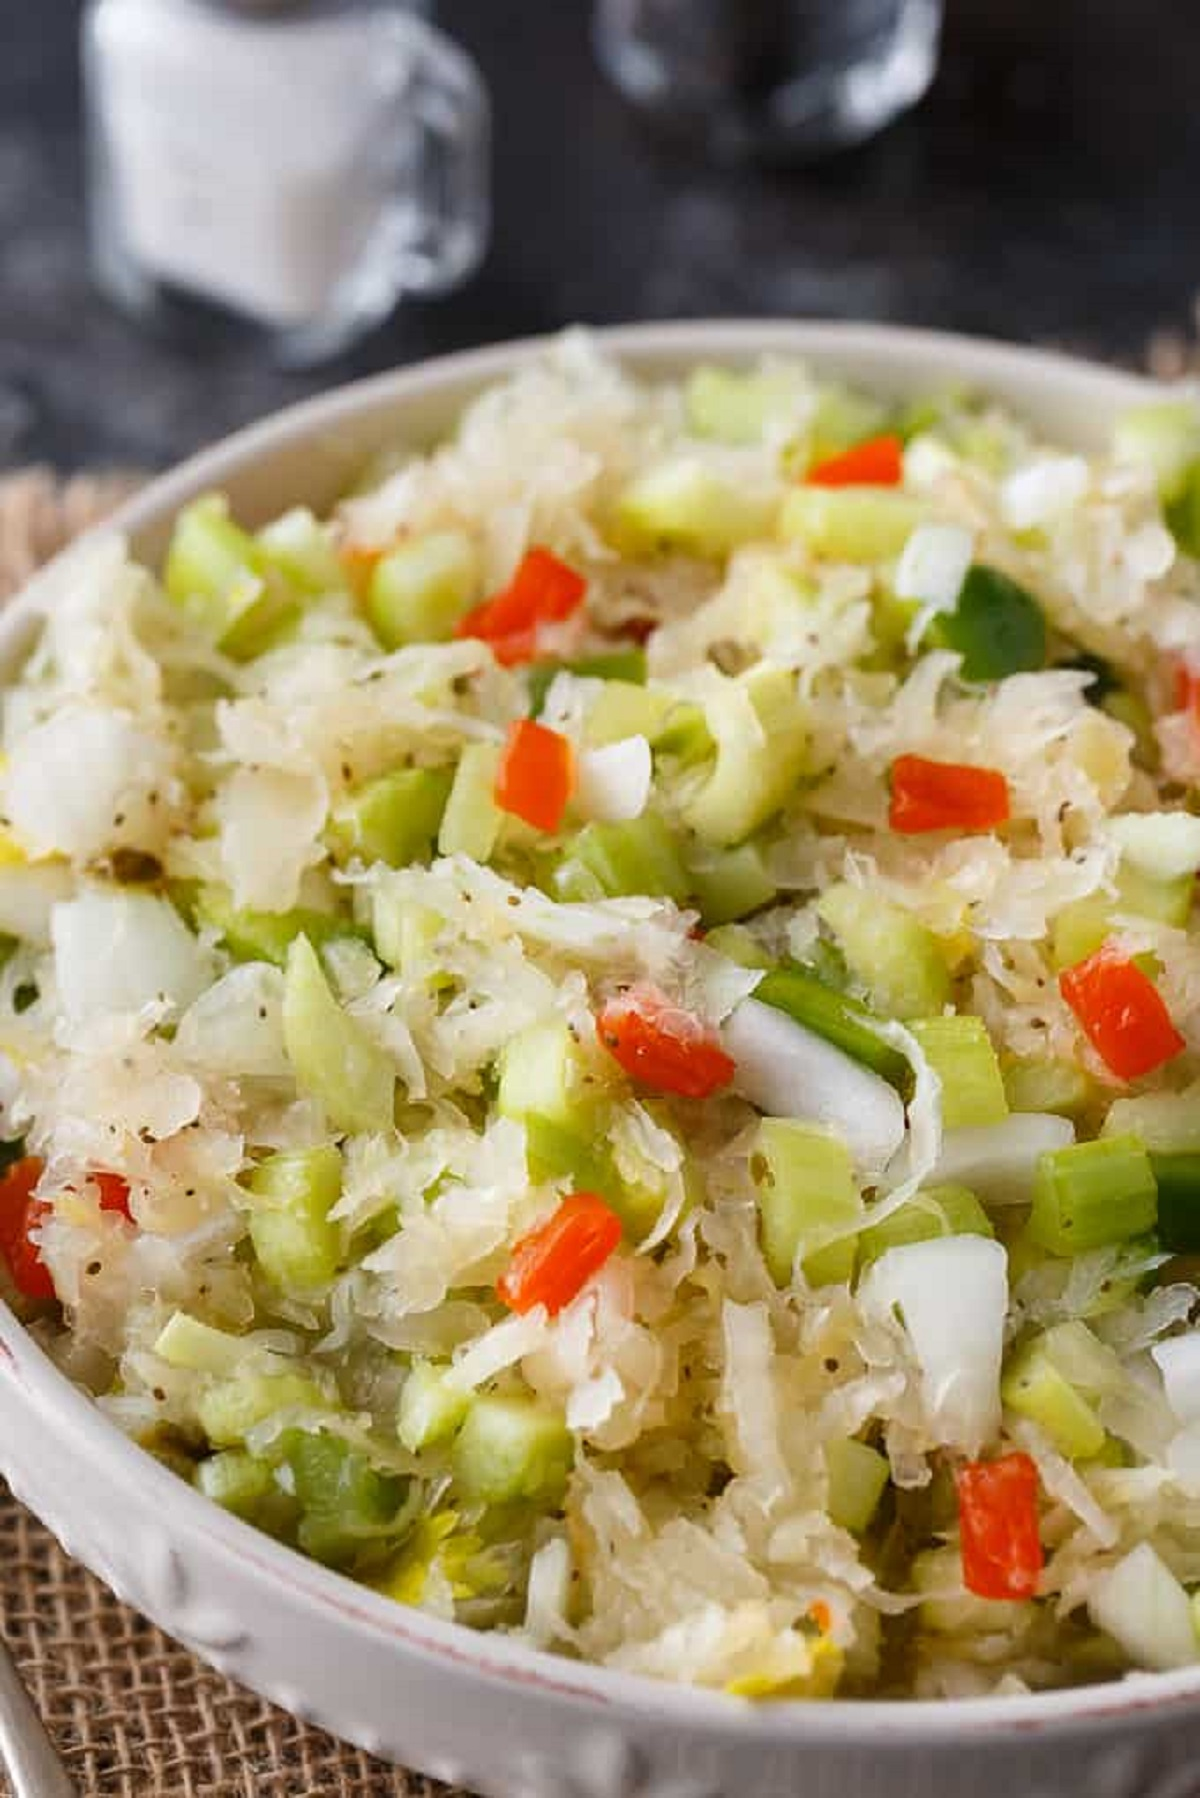 Sauerkraut salad in a white serving bowl